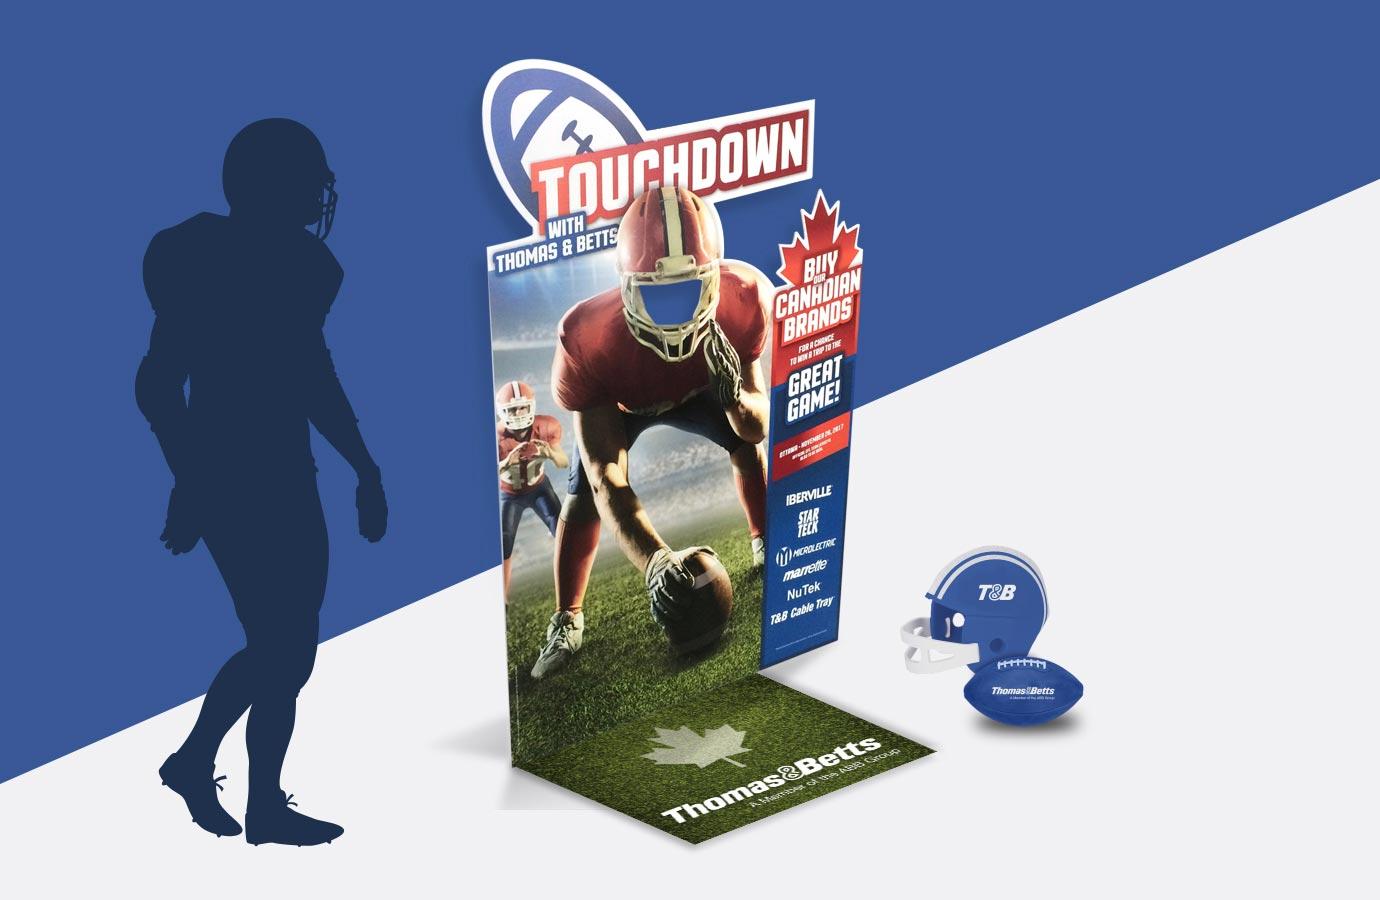 kiosque pour Thomas & Betts, promotion Touchdown, avec accessoires promotionnels